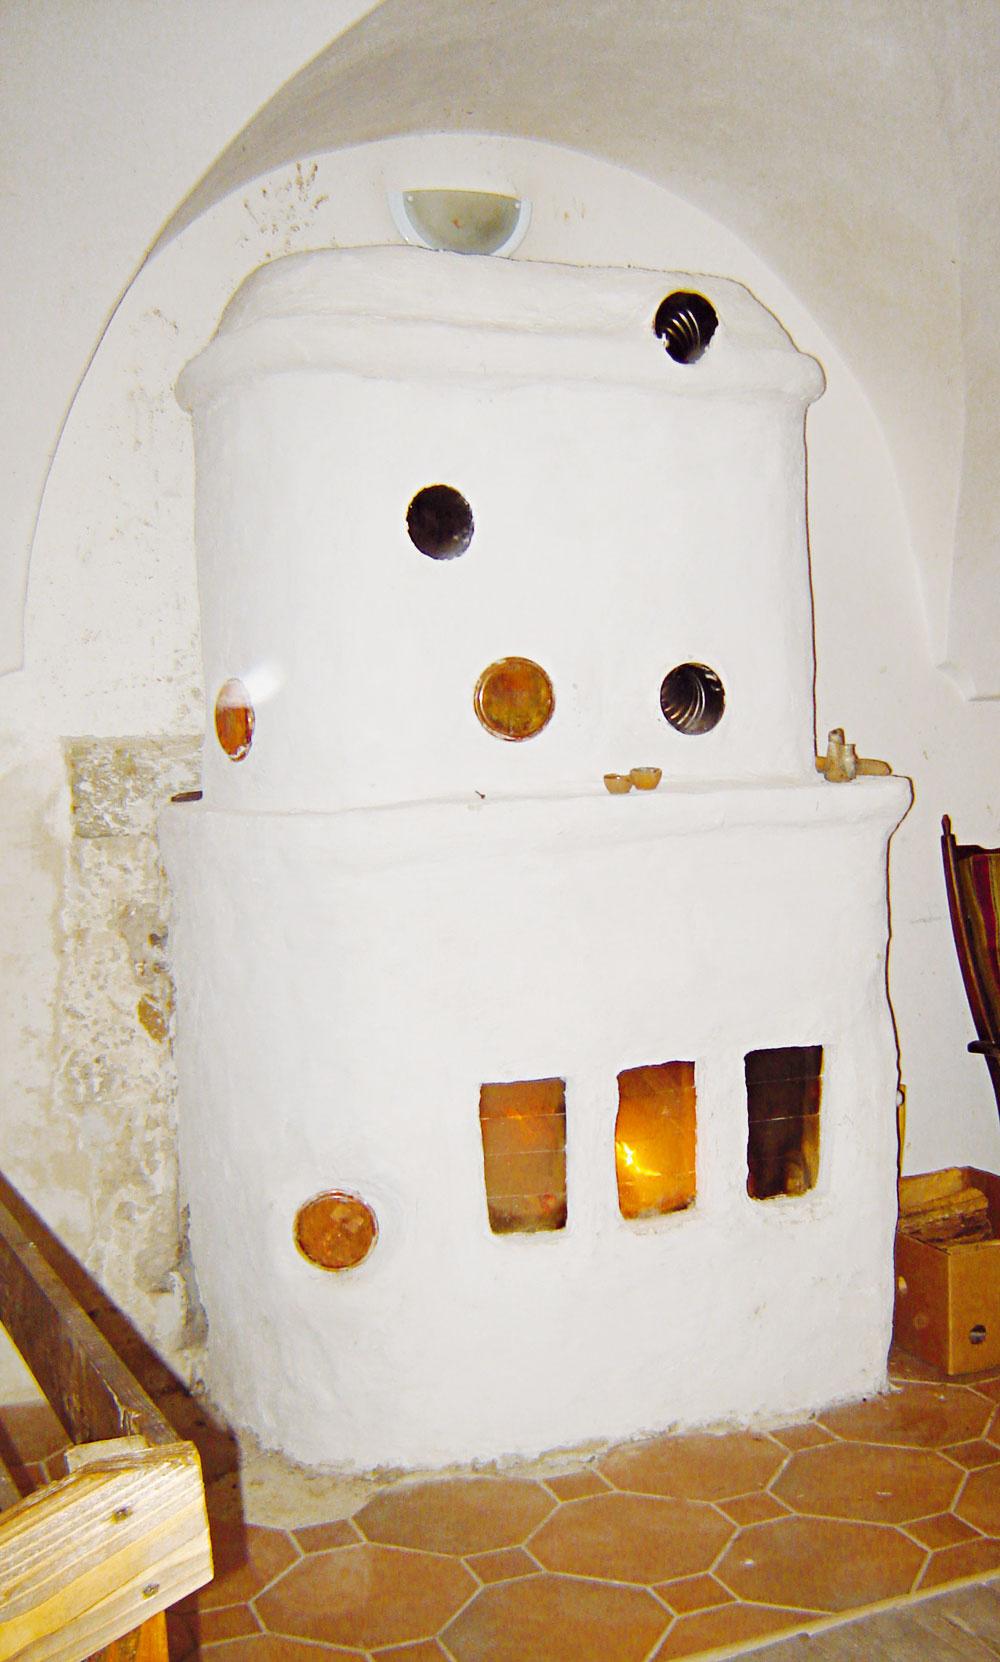 Pec znepálených tehál Pec je postavená zväčšej časti znepálených hlinených tehál. Len ohnisko aprvý ťah sú chránené šamotovými tehlami proti mechanickému poškodeniu. Pec má štyri zvislé ťahy ajeden vodorovný. Posledný ťah je až ku dnu ohniska, lebo sa použil pôvodný komín vpamiatkovo chránenom objekte, kde sa nemohli vykonať žiadne nezvratné stavebné úpravy, ani búranie nového otvoru do komína. Vrstva omietky je oddilatovaná skleneným pletivom, zavesená na kovovom pletive. Hlinená omietka vo viacerých vrstvách je spevnená sekaným skleneným vláknom anapustená vápenným pačokom.